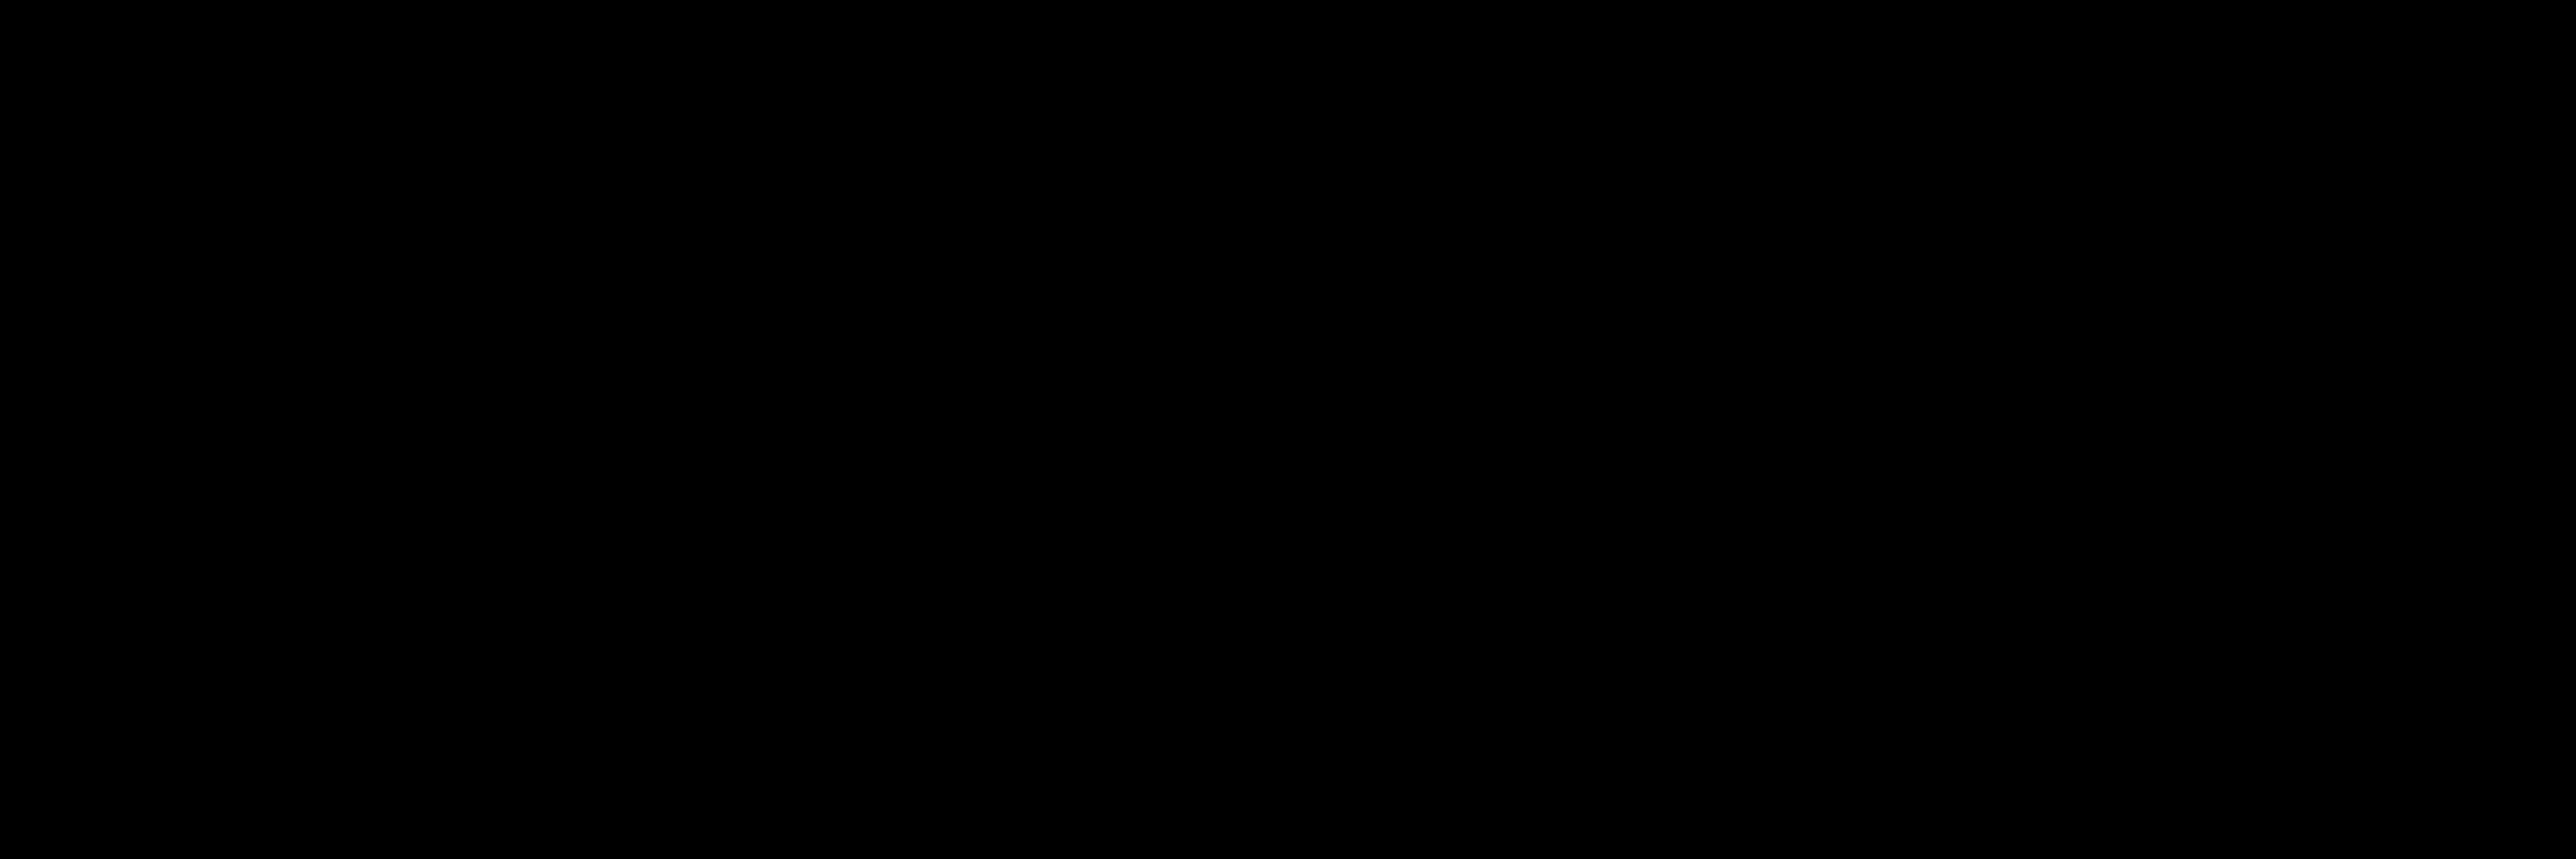 Rio Gusto Banner_001